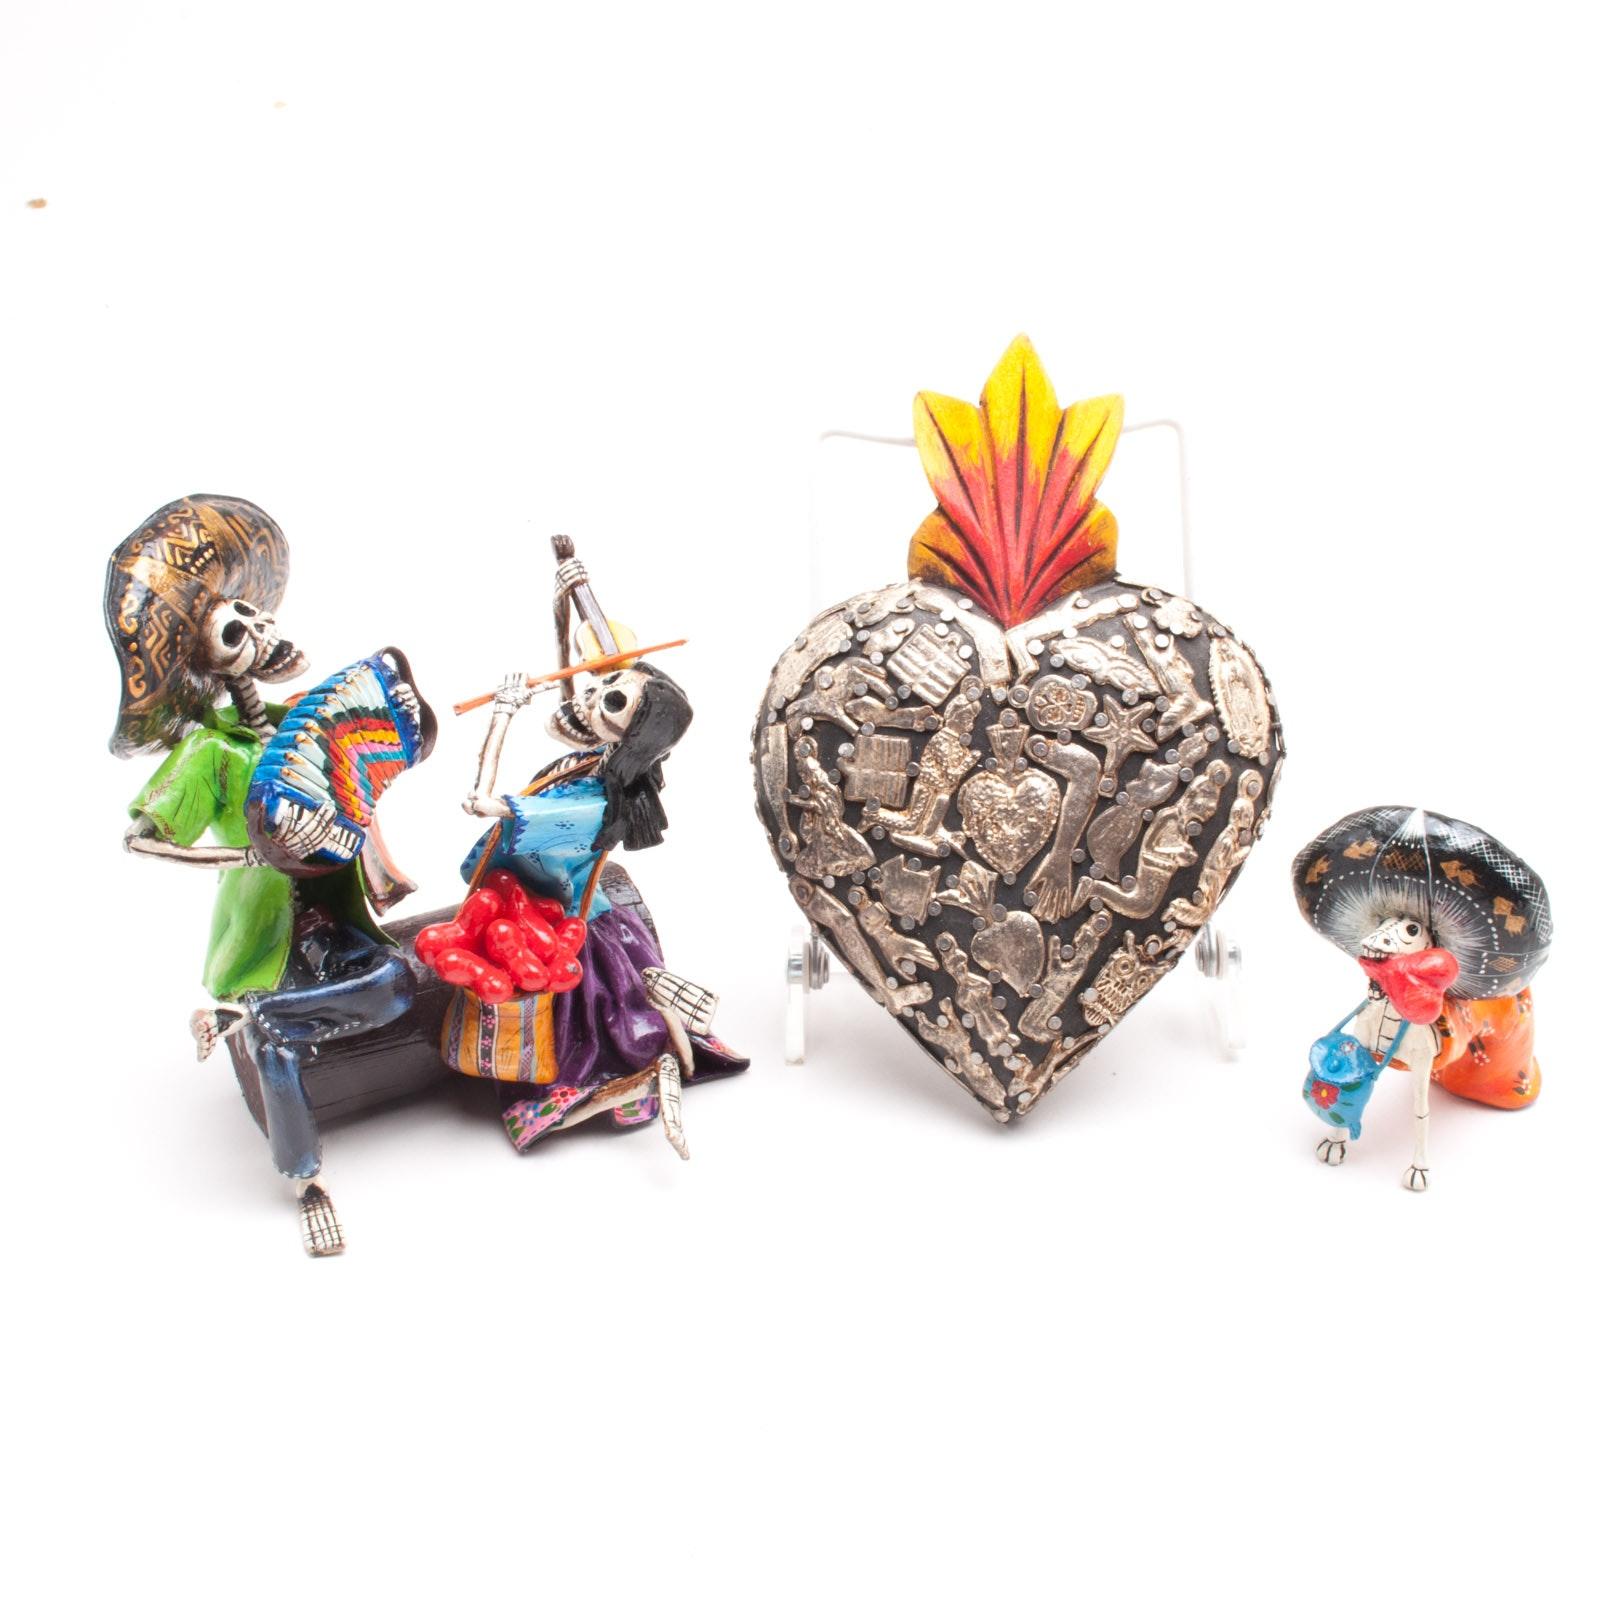 Peruvian Dia De Los Muertos Carvings